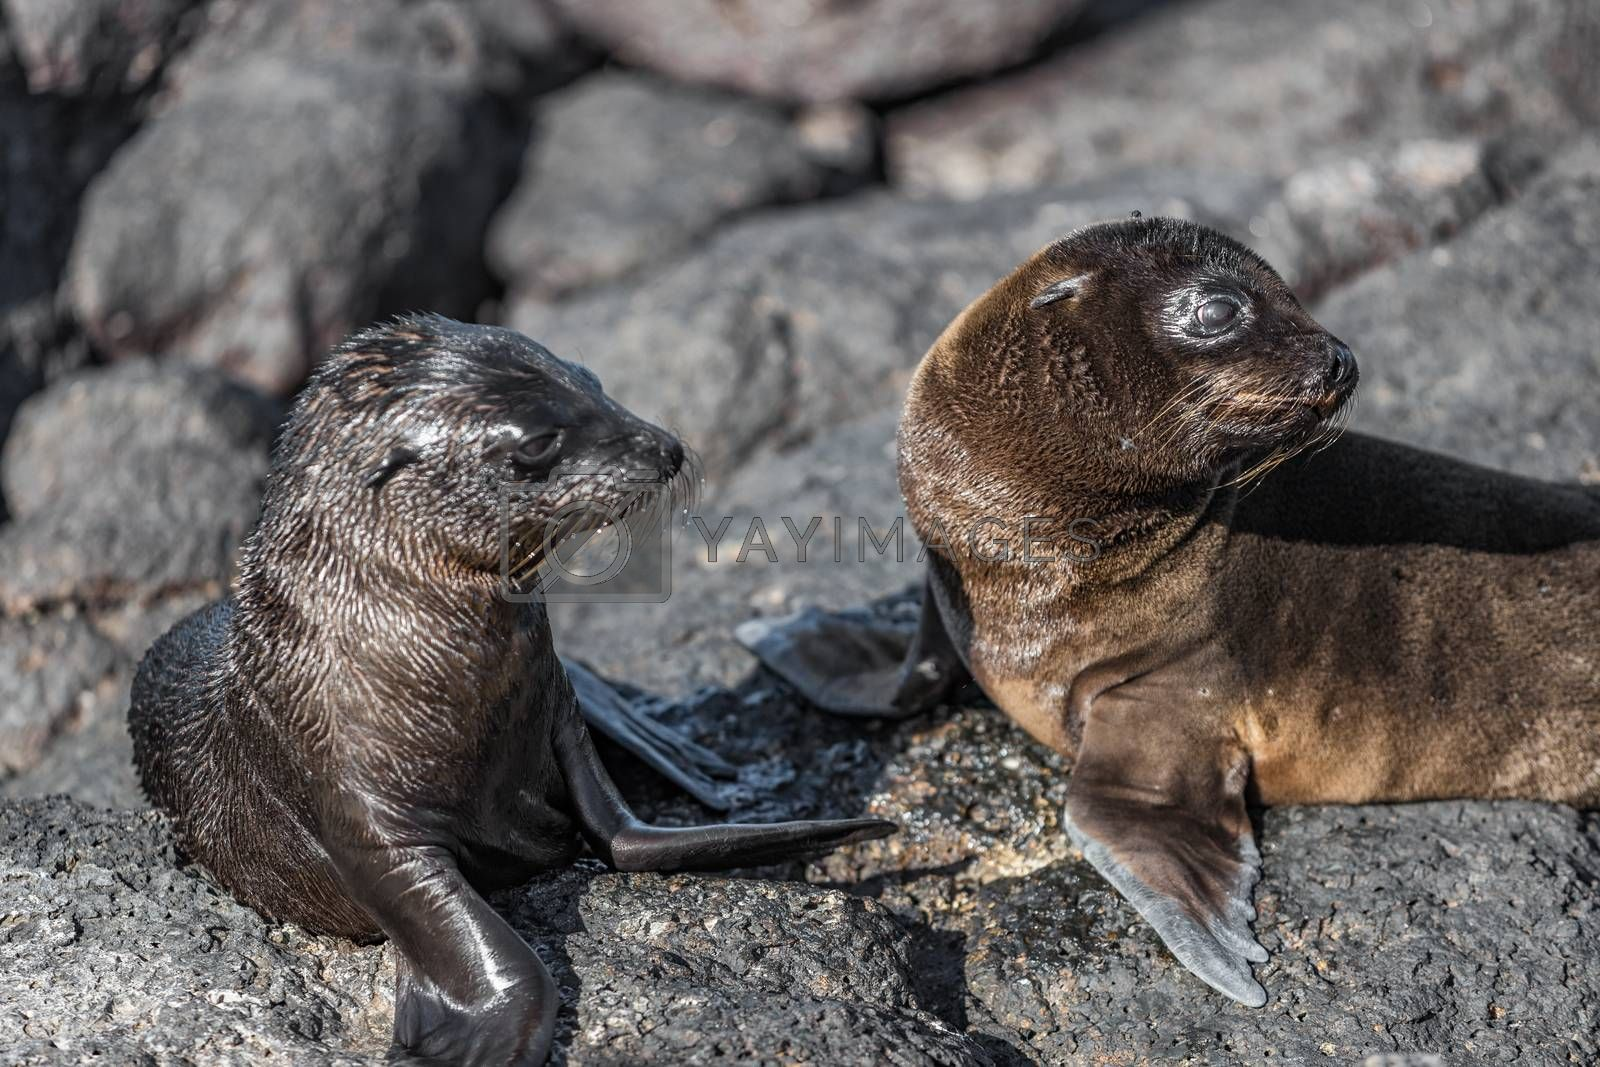 Galapagos animals - Baby Galapagos Sea lions pups at Punta Espinoza, Fernandina Island, Galapagos Islands. Amazing wildlife and nature display with many endemic species.